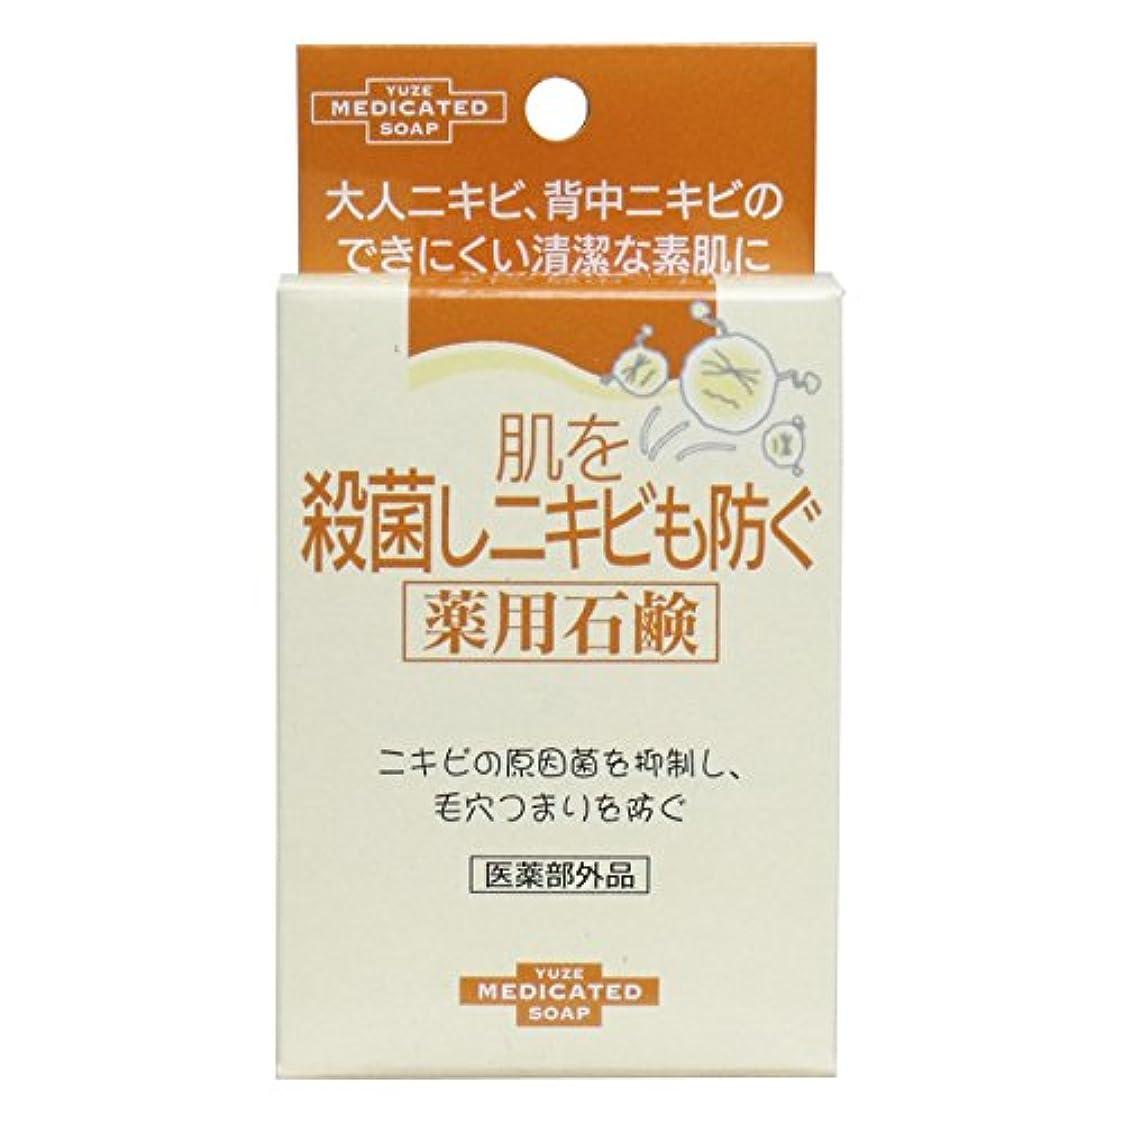 アヒル乗ってプレフィックスユゼ 肌を殺菌しニキビも防ぐ薬用石鹸 (110g)